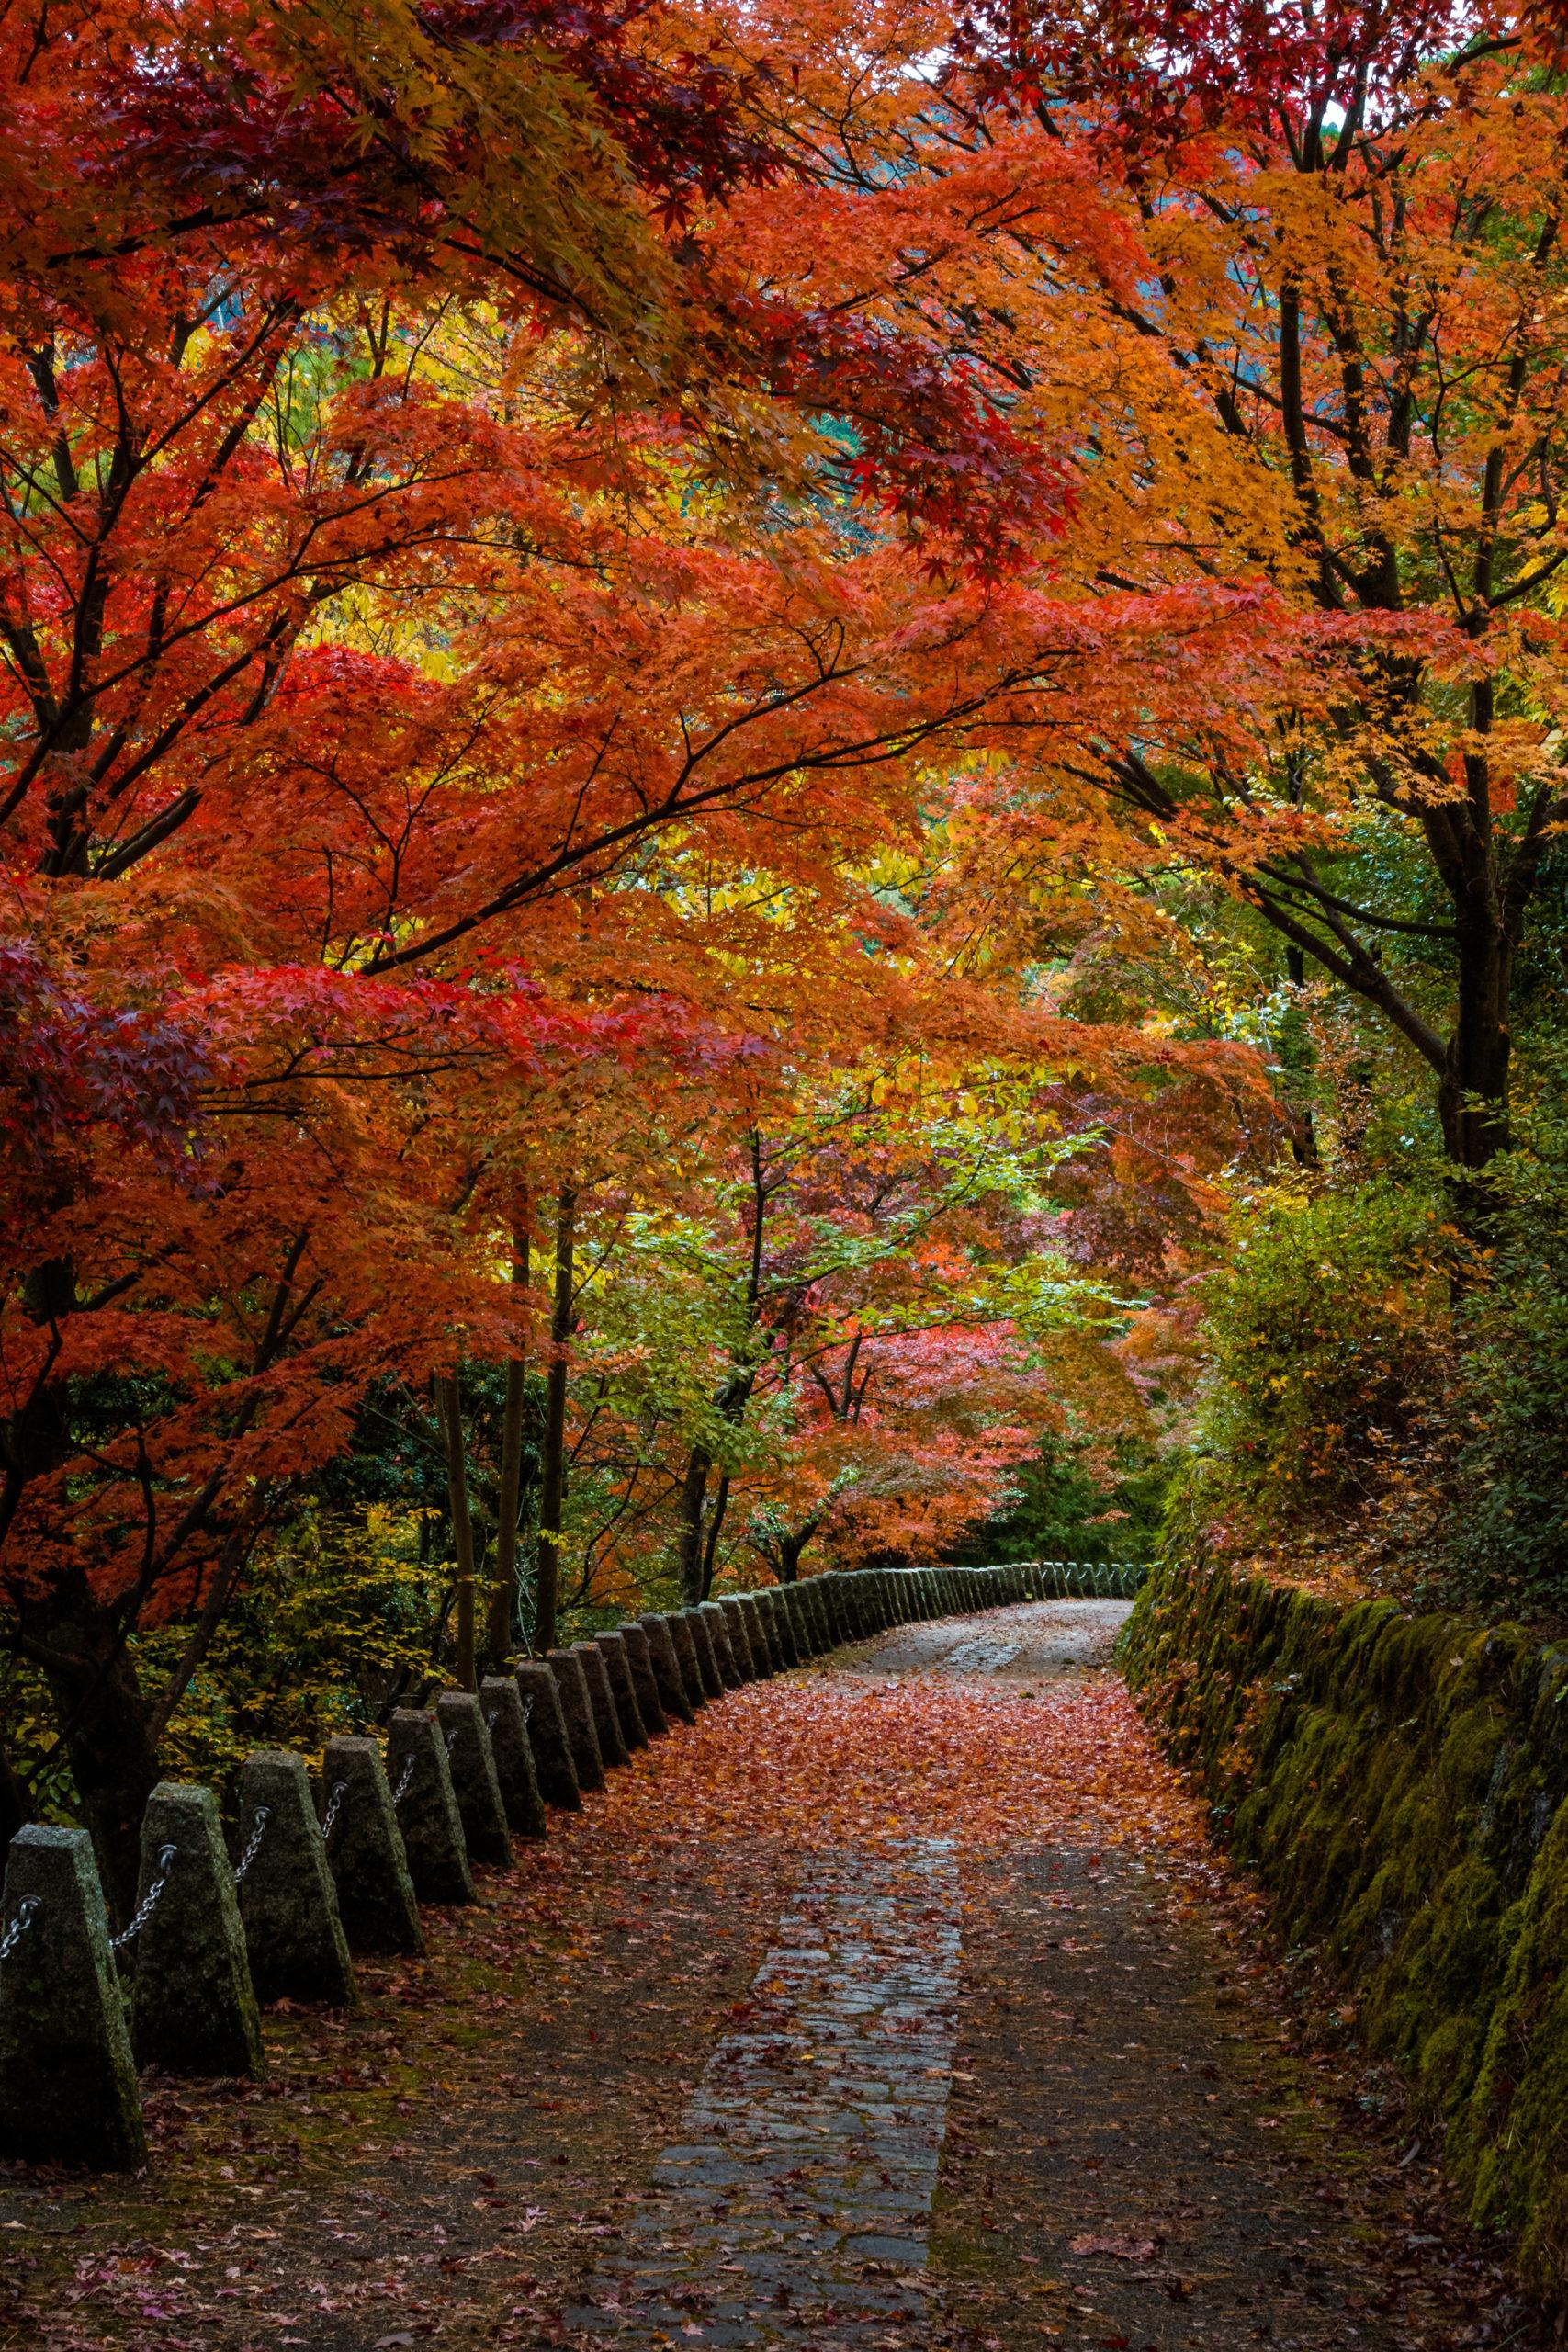 DSC00075-scaled 奈良県  吉野山(山が紅葉に染まる秋におすすめの絶景スポット! 撮影した写真の紹介、アクセス情報や駐車場情報など)